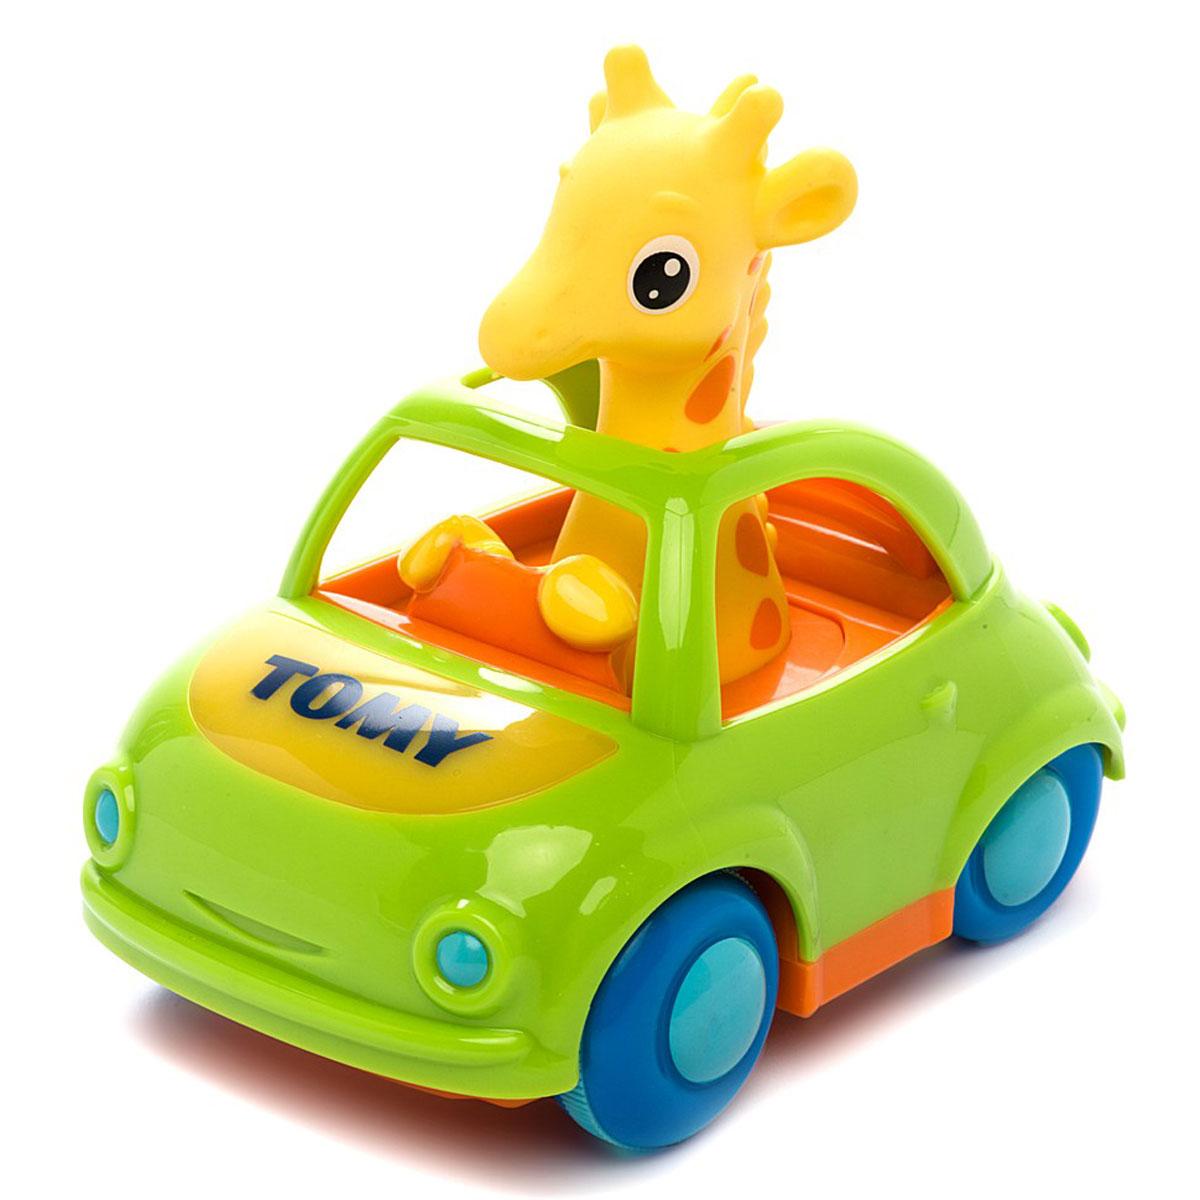 Tomy Развивающая игрушка Веселый Жираф-водитель, со звуковыми и световыми эффектами купить веселый шарик tomy